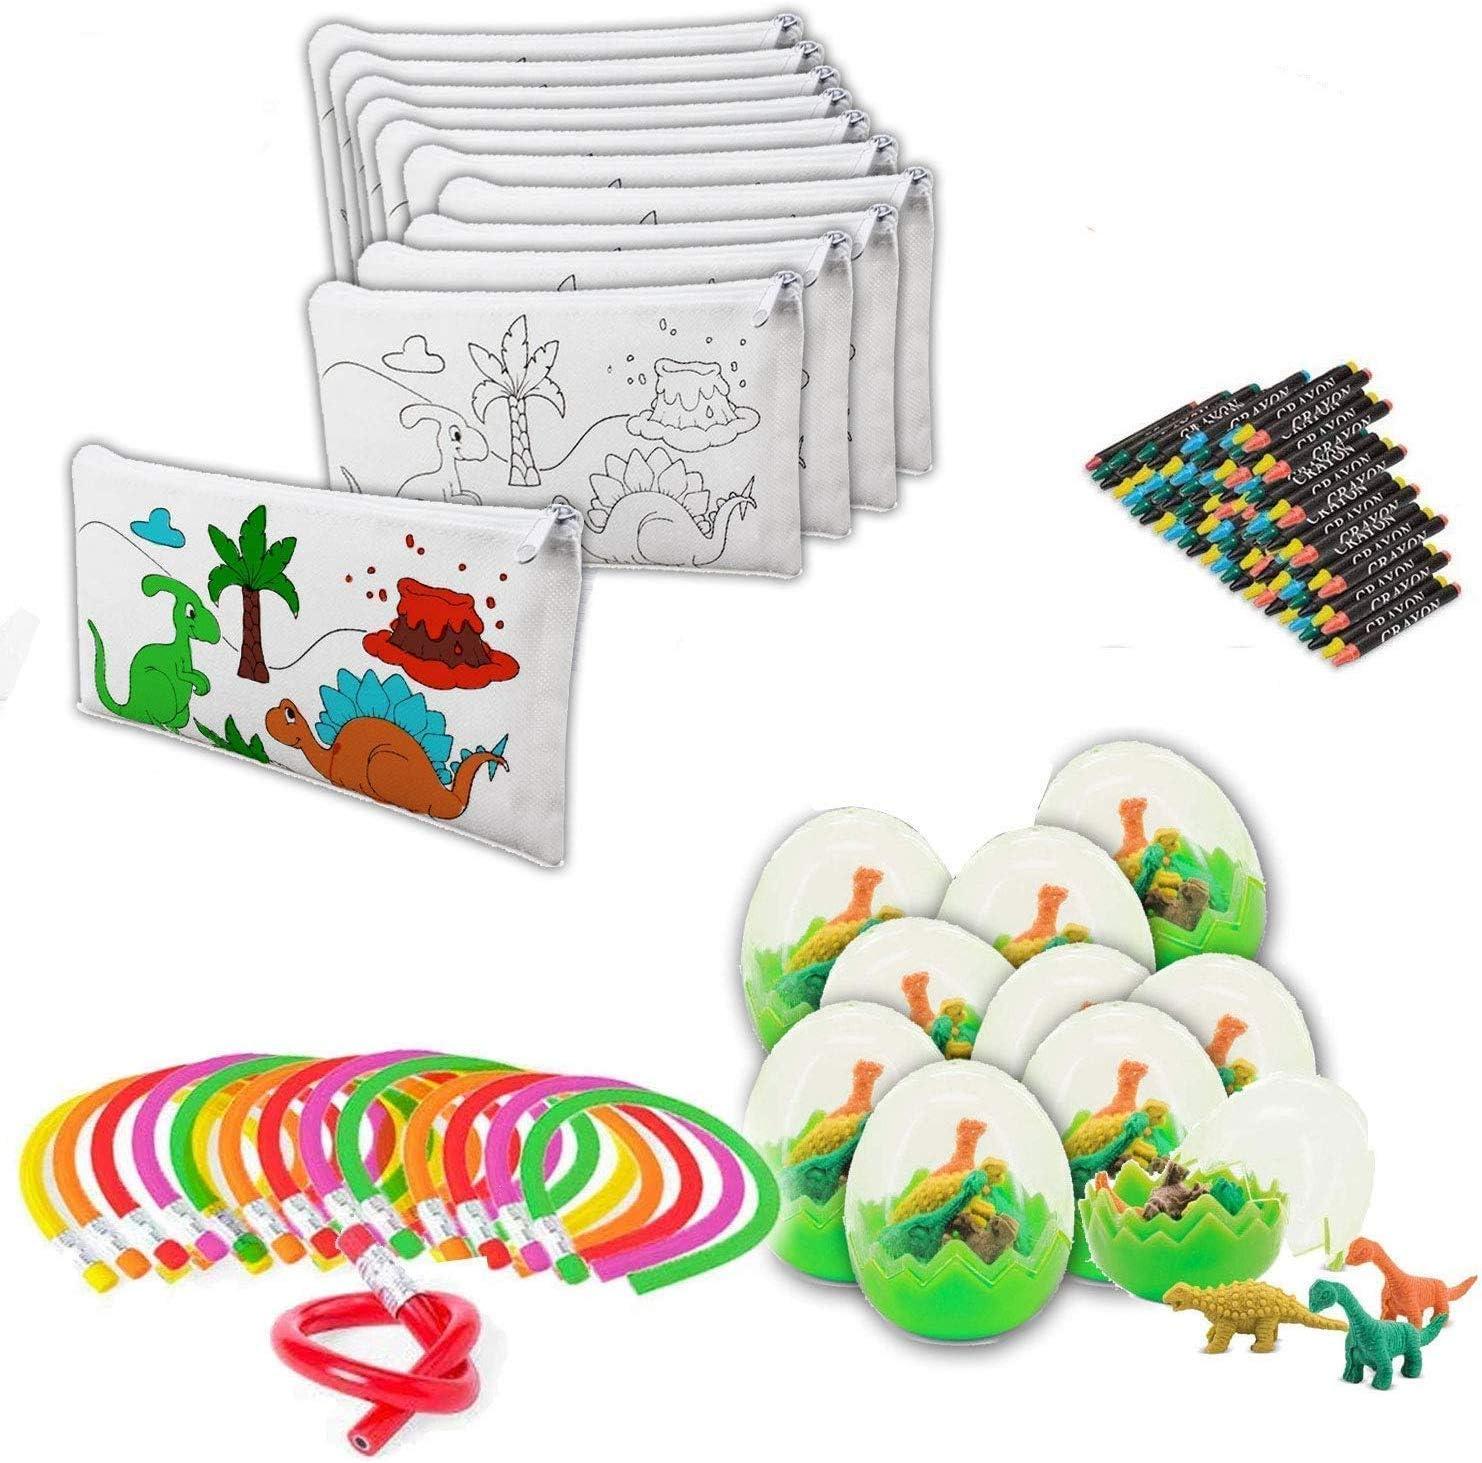 Detalle infantil 👧🏻👦🏻 30 estuches con 30 set de ceras, 30 lápices flexibles y 30 huevos con gomas de dinos para regalo🎁🎈